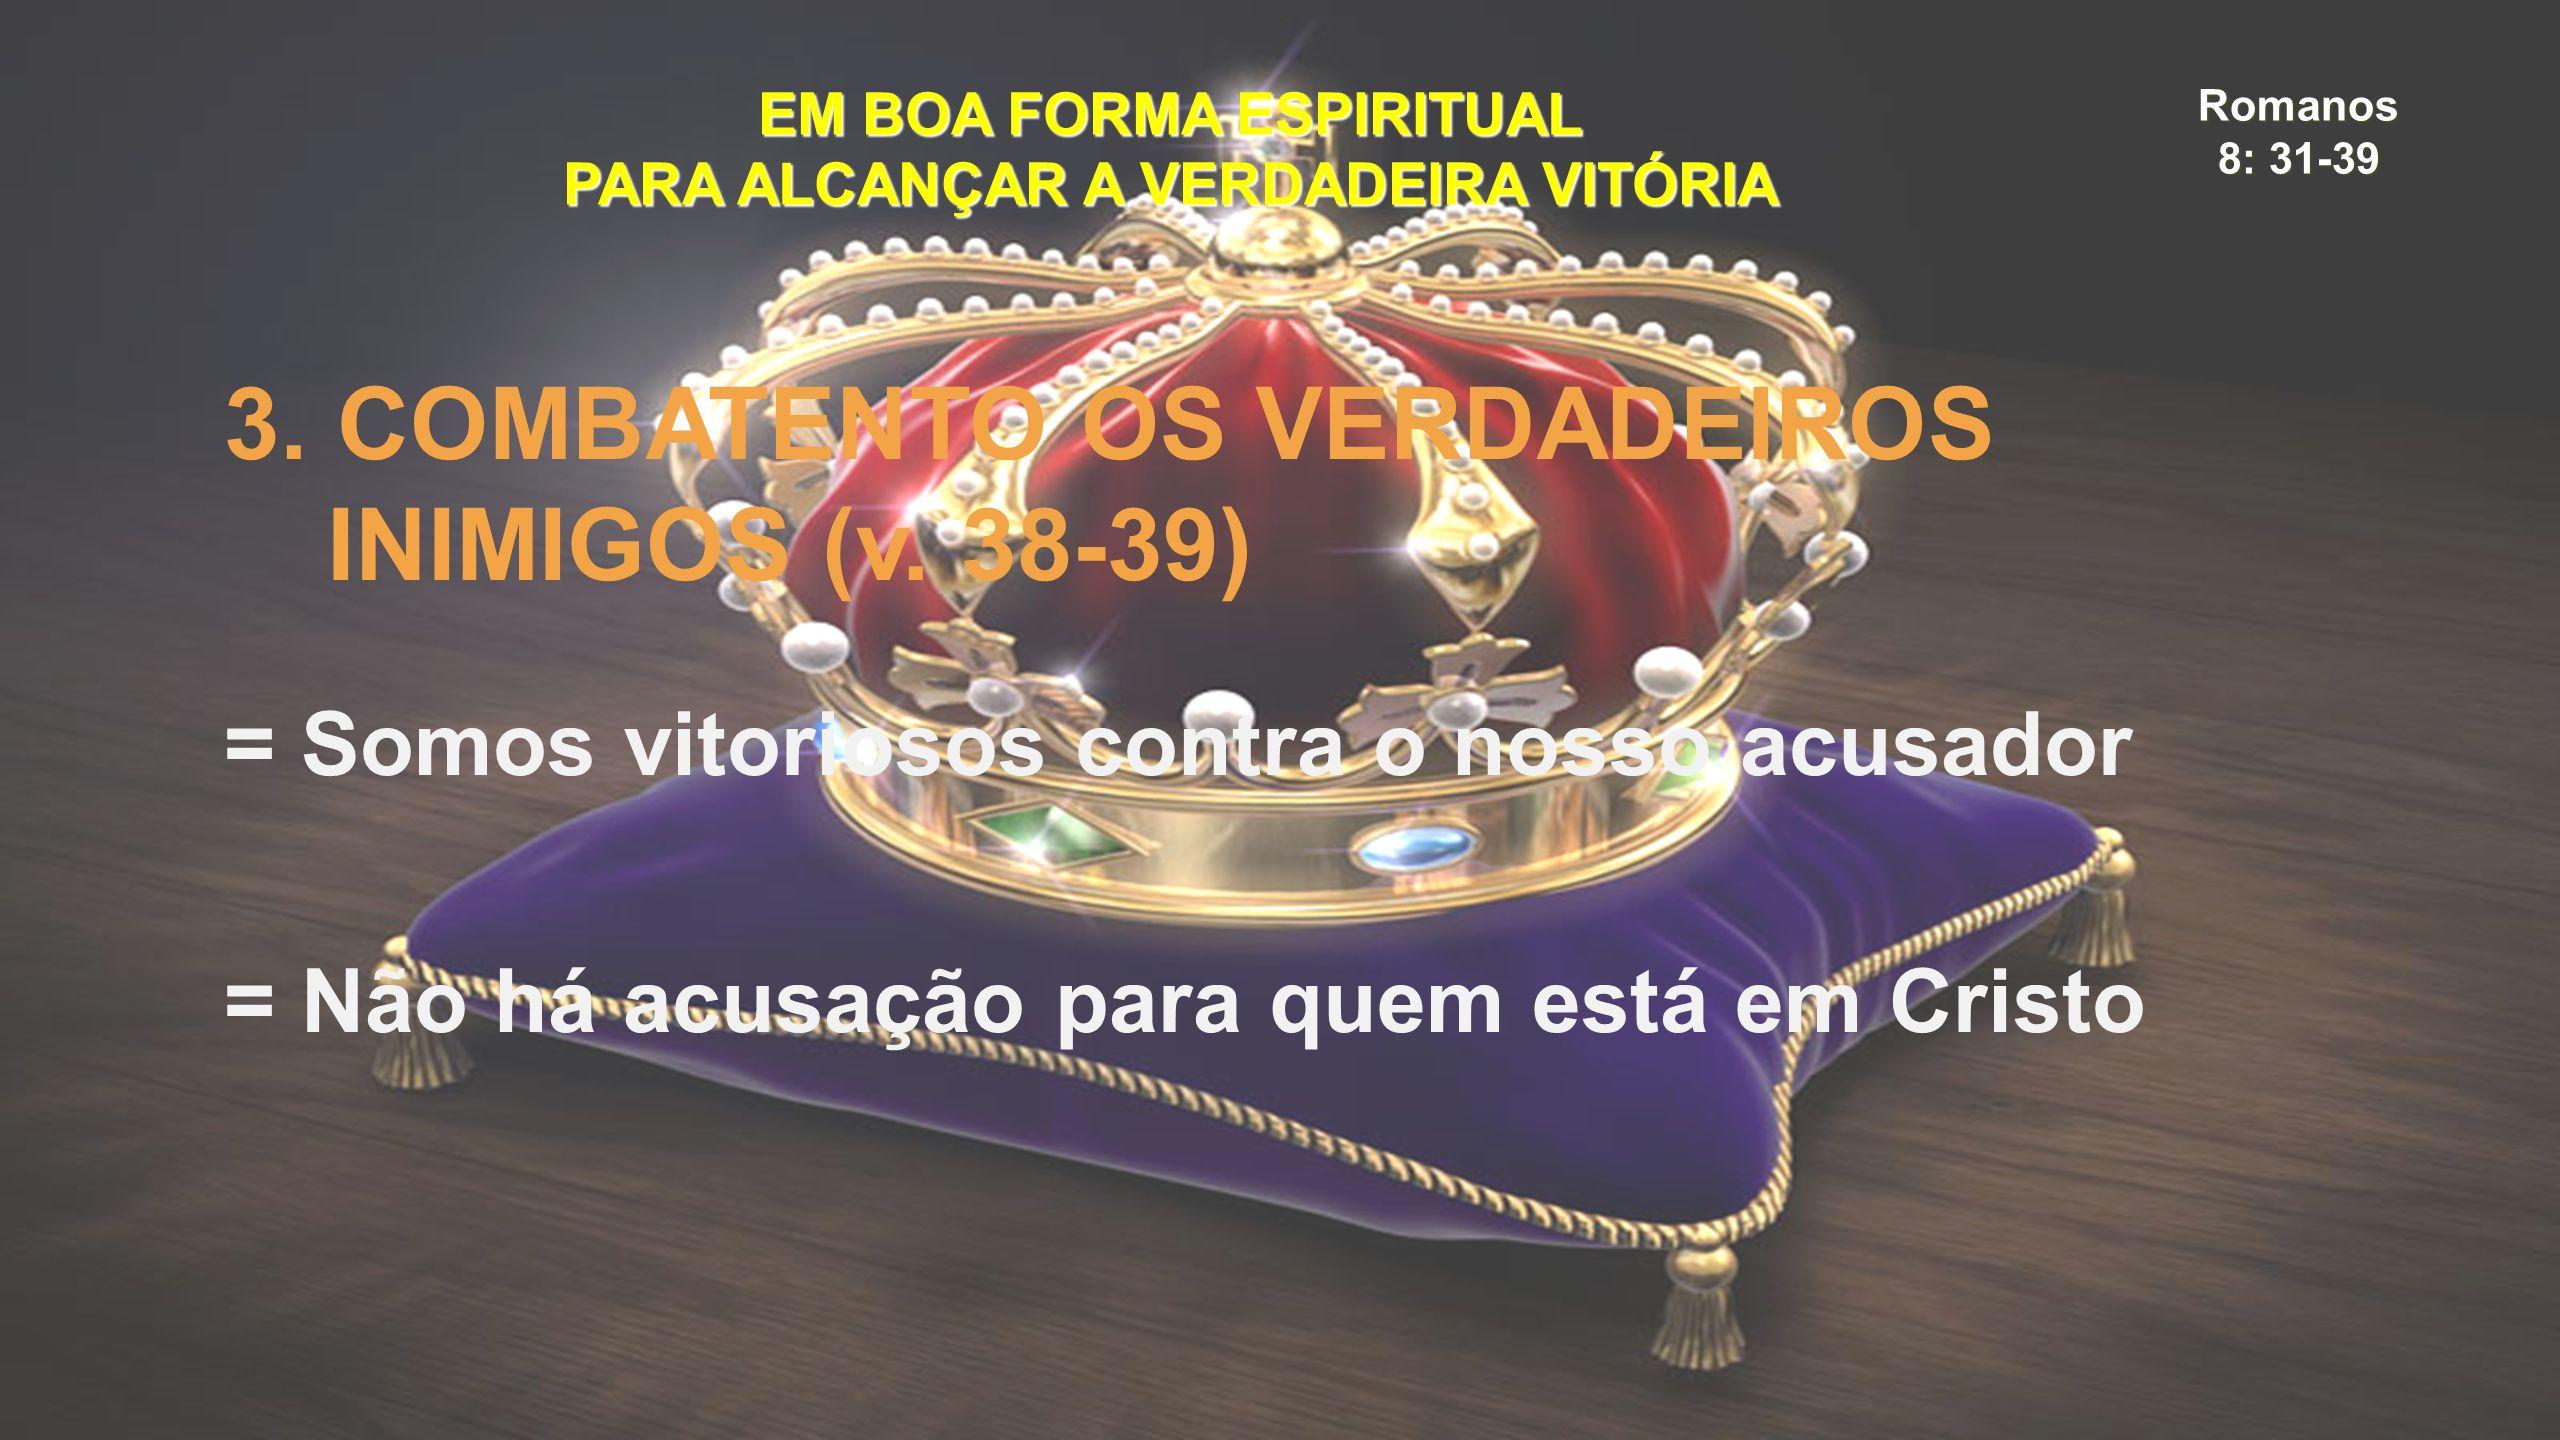 Romanos 8: 31-39 EM BOA FORMA ESPIRITUAL PARA ALCANÇAR A VERDADEIRA VITÓRIA 3. COMBATENTO OS VERDADEIROS INIMIGOS (v. 38-39) = Somos vitoriosos contra